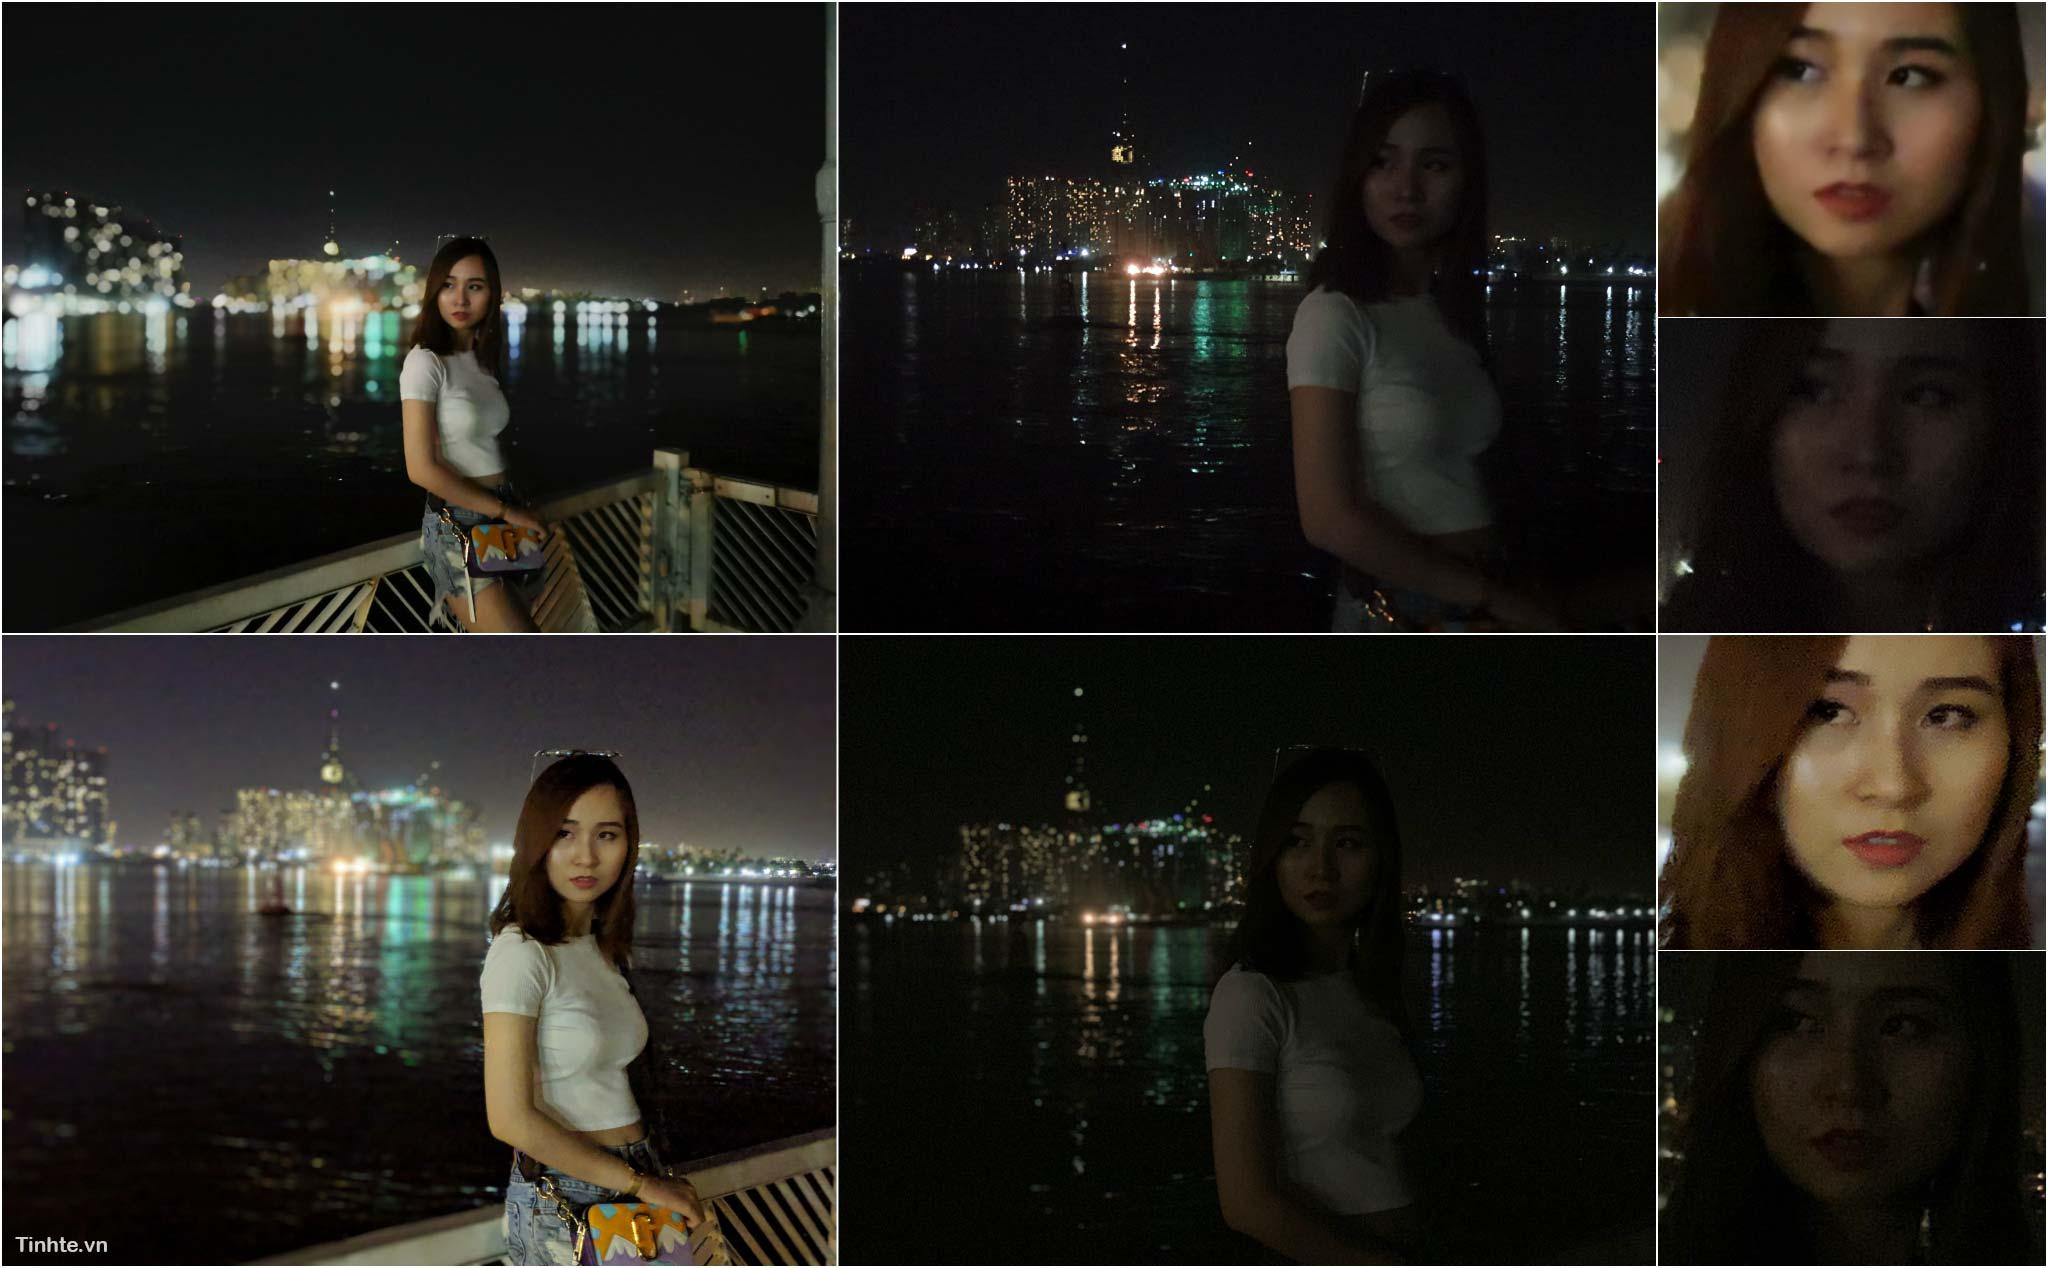 tinhte_so_sanh_anh_chup_dem_2.jpg